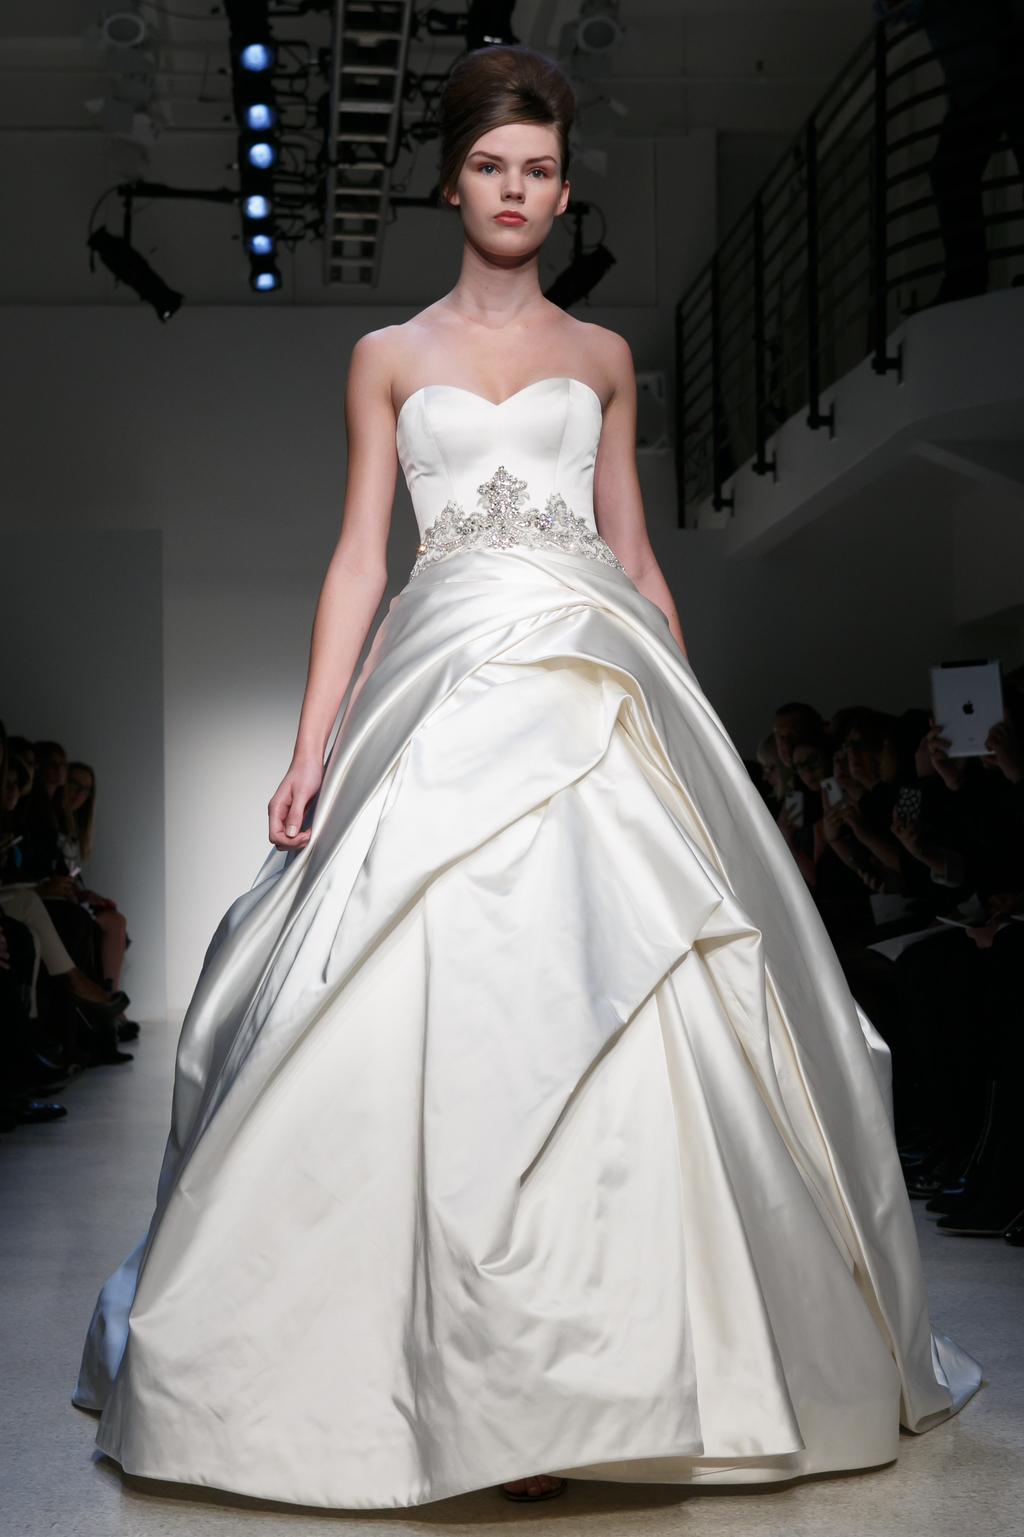 Fall-2013-wedding-dress-kenneth-pool-by-amsale-bridal-gowns-4.full